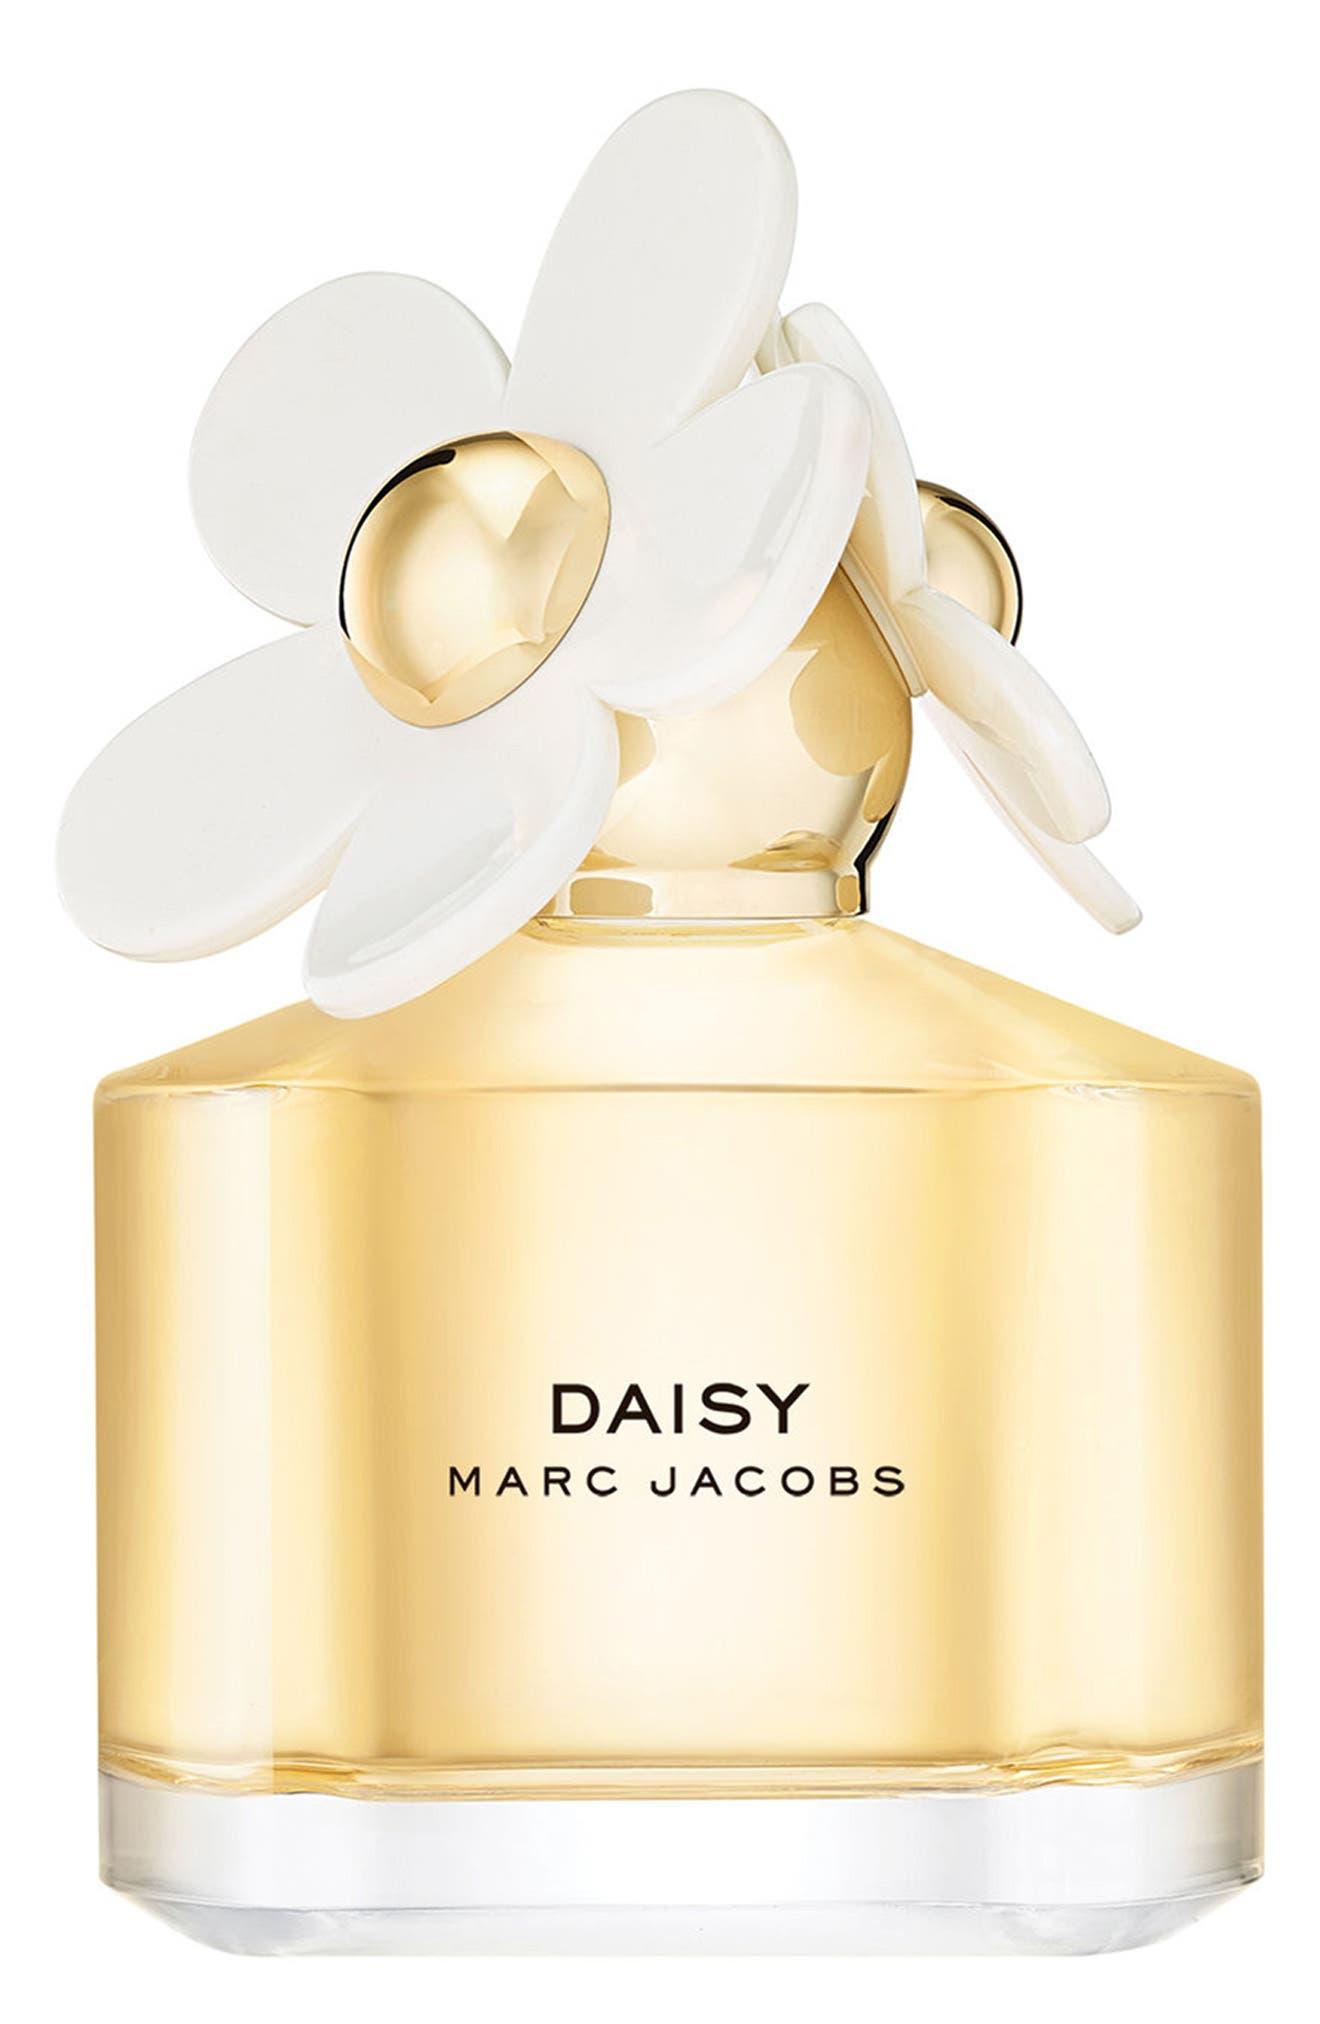 MARC JACOBS Daisy Eau de Toilette Spray,                         Main,                         color, NO COLOR